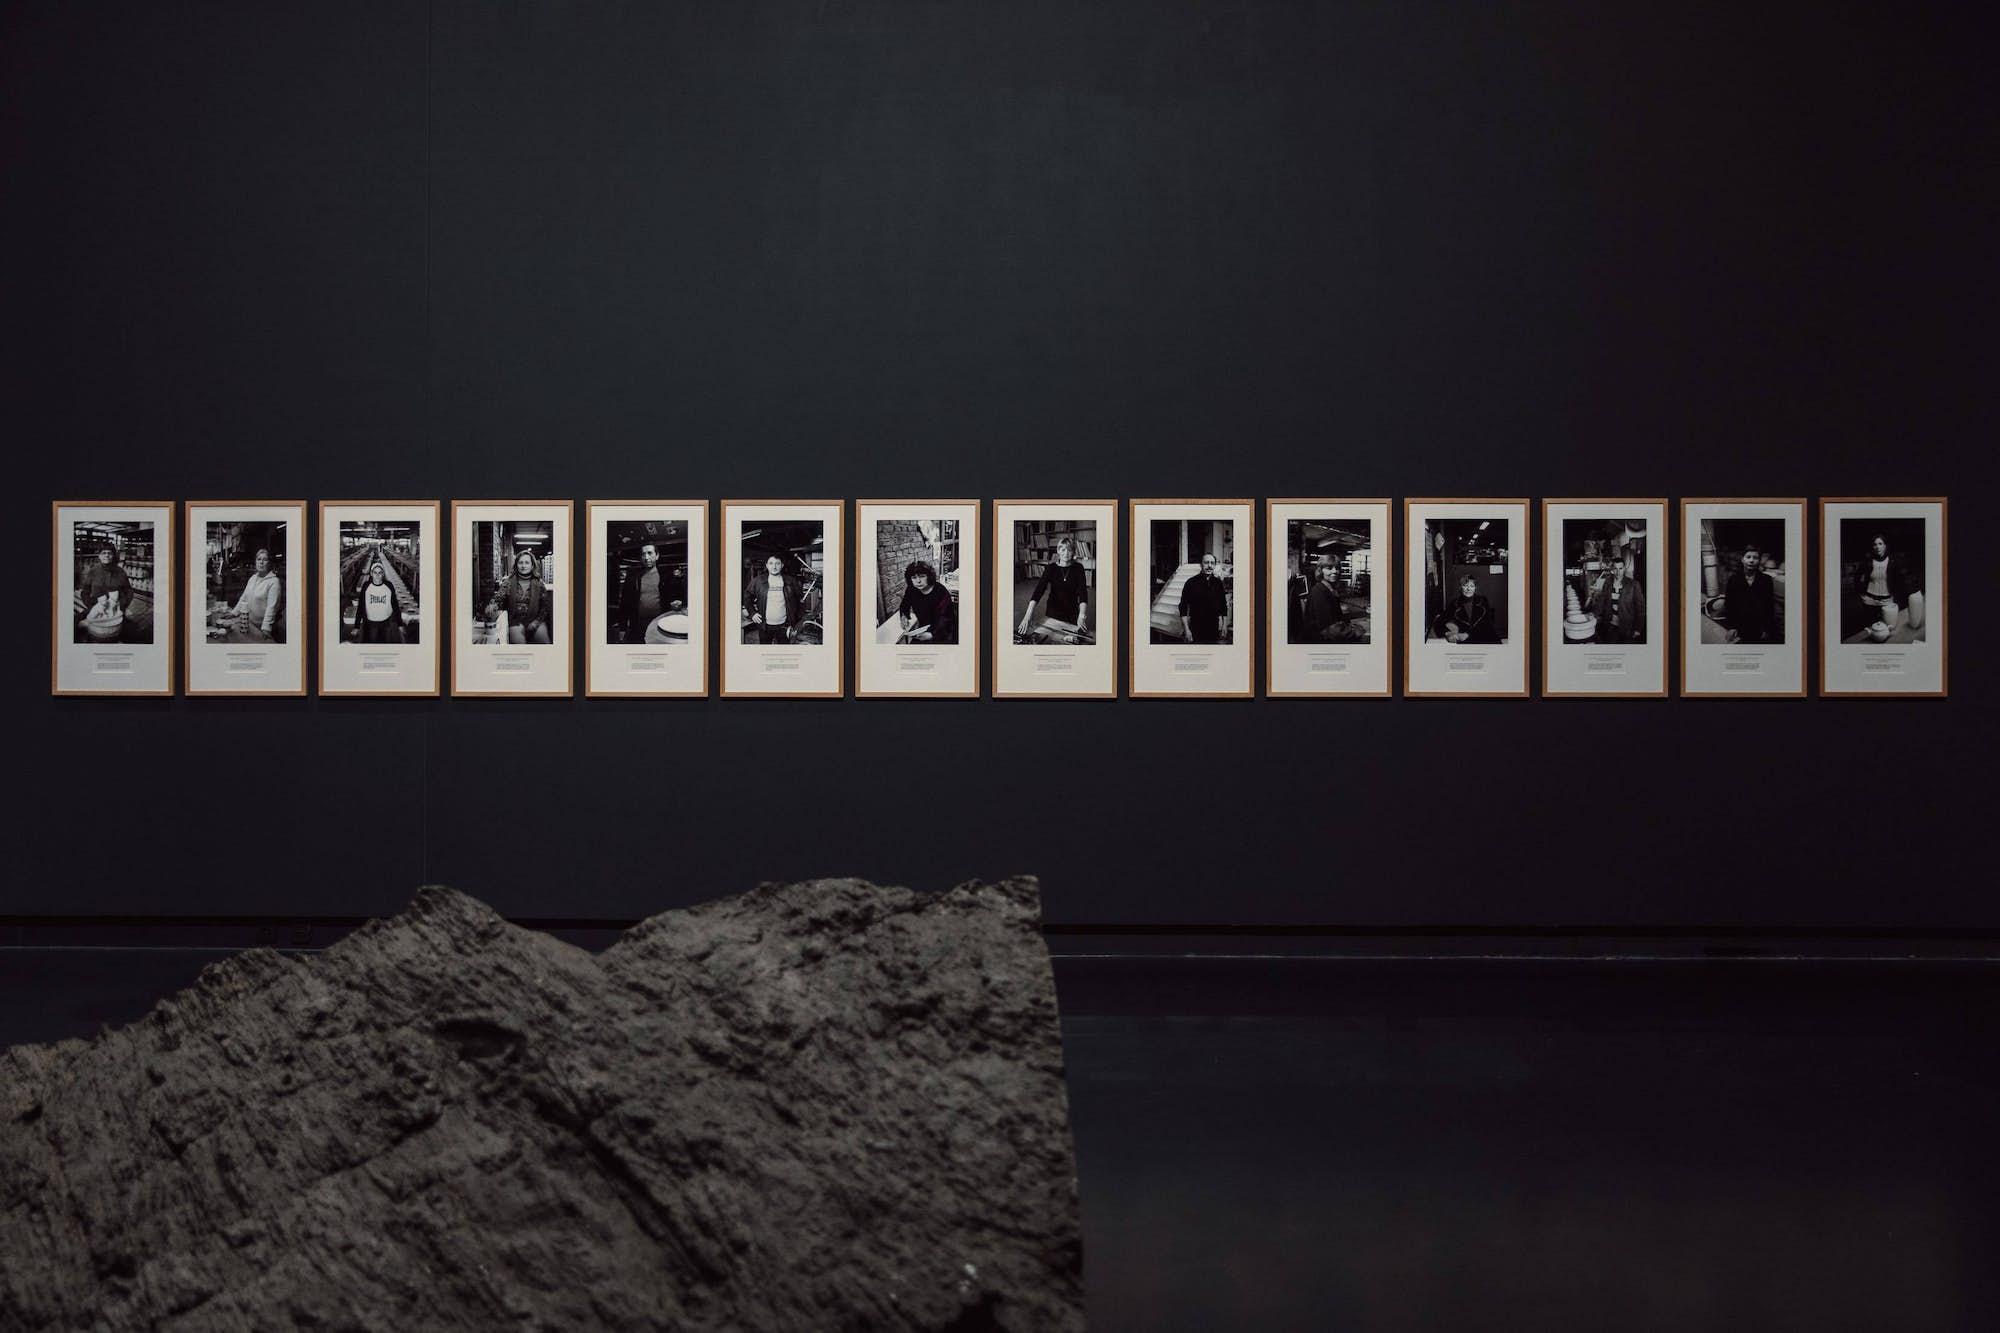 """Véronique VERCHEVAL, """"Usine occupée. Portraits des travailleurs de Royal Boch"""", 2009. Exposition La Colère de Ludd, BPS22, 2020. Photo Leslie Artamonow"""